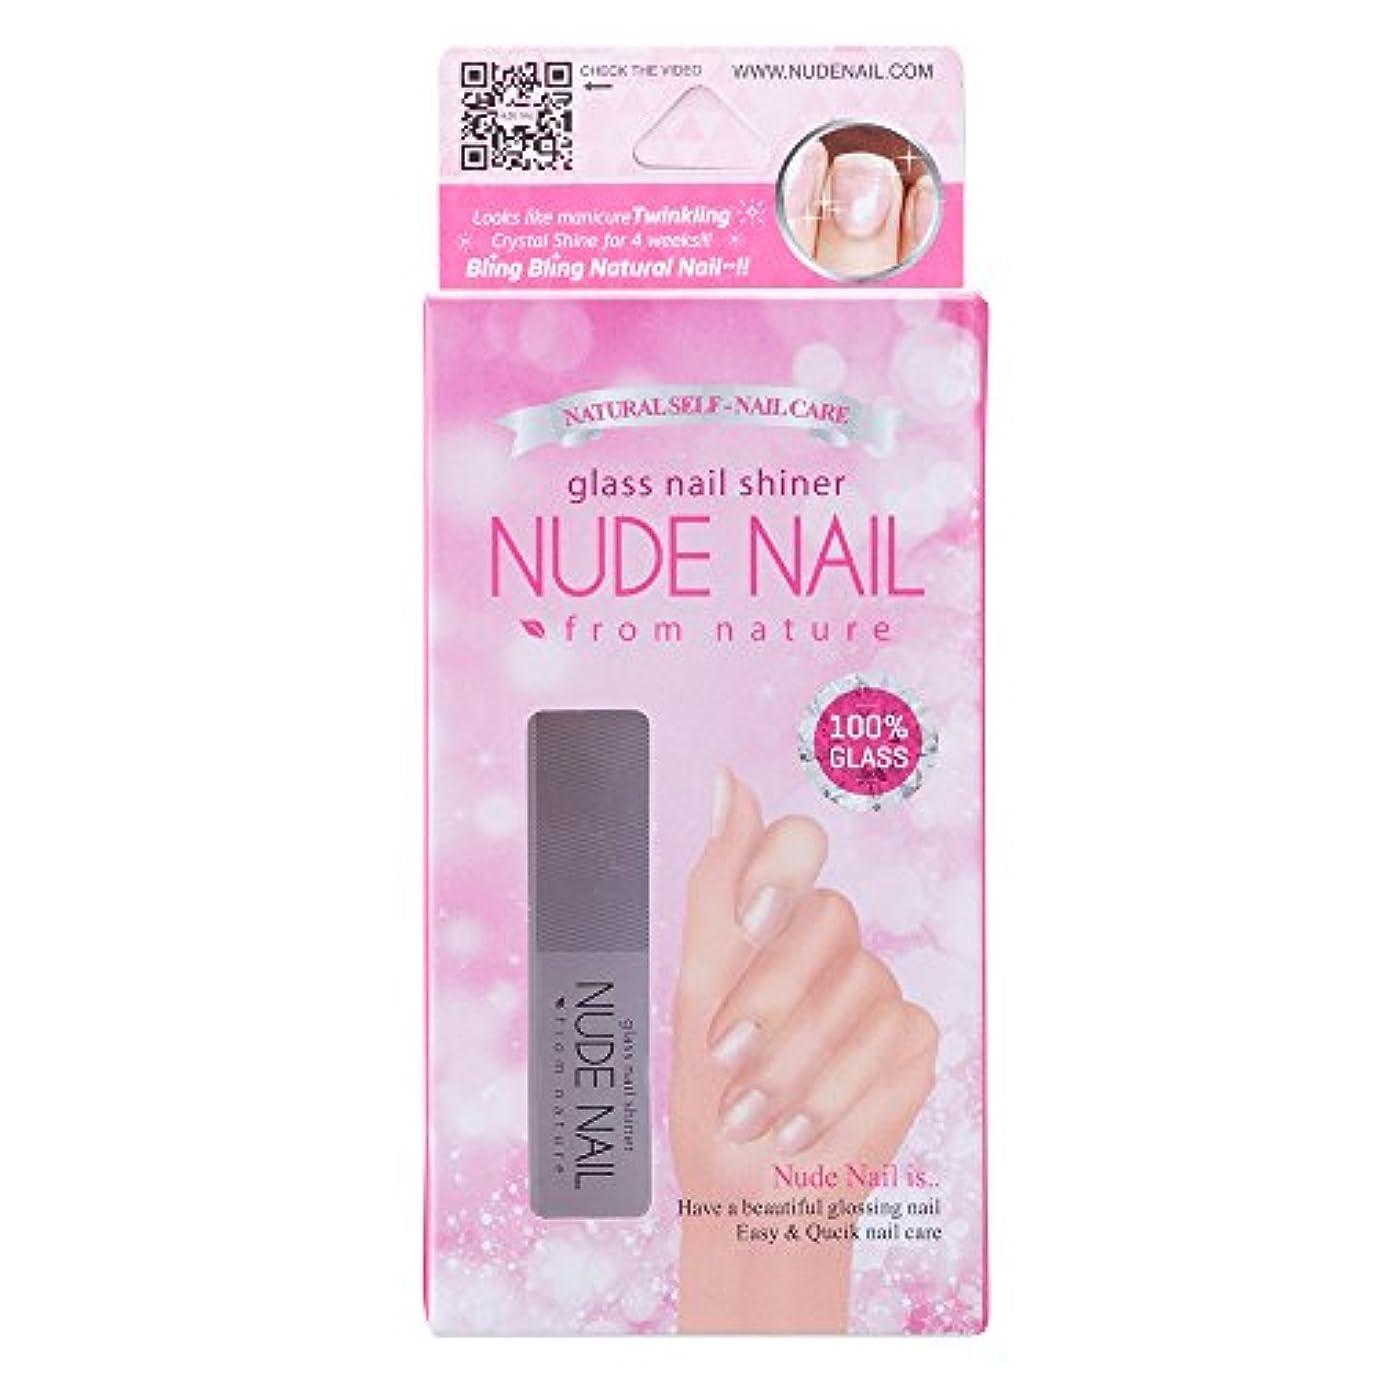 注文ギャザー真向こうヌードネイル グラス ネイル シャイナー ガラス製爪ヤスリ NUDE NAIL glass nail shiner